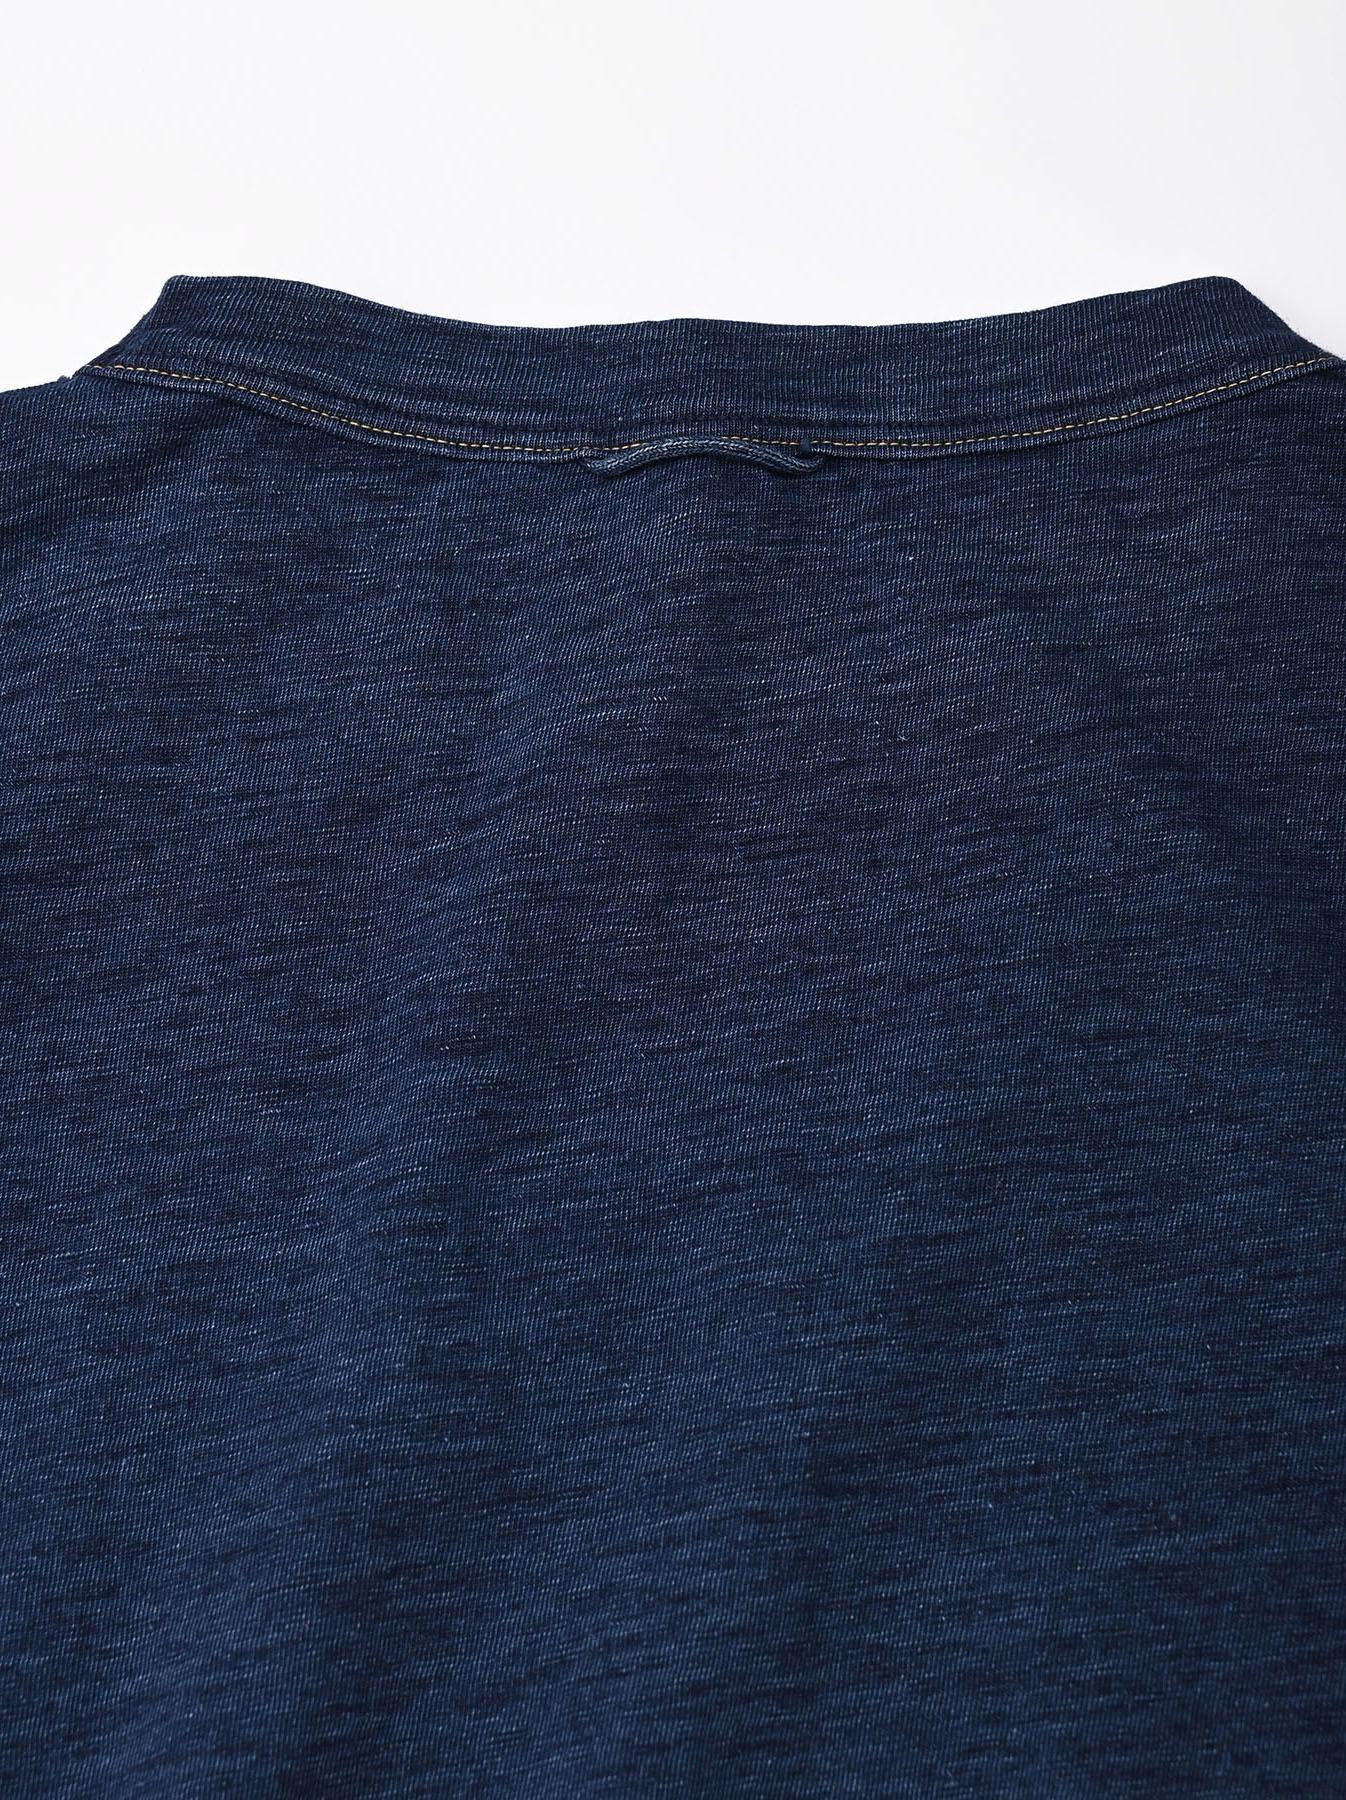 Indigo Zyu Zimbabwe Cotton Big Slit T-shirt (0721)-8